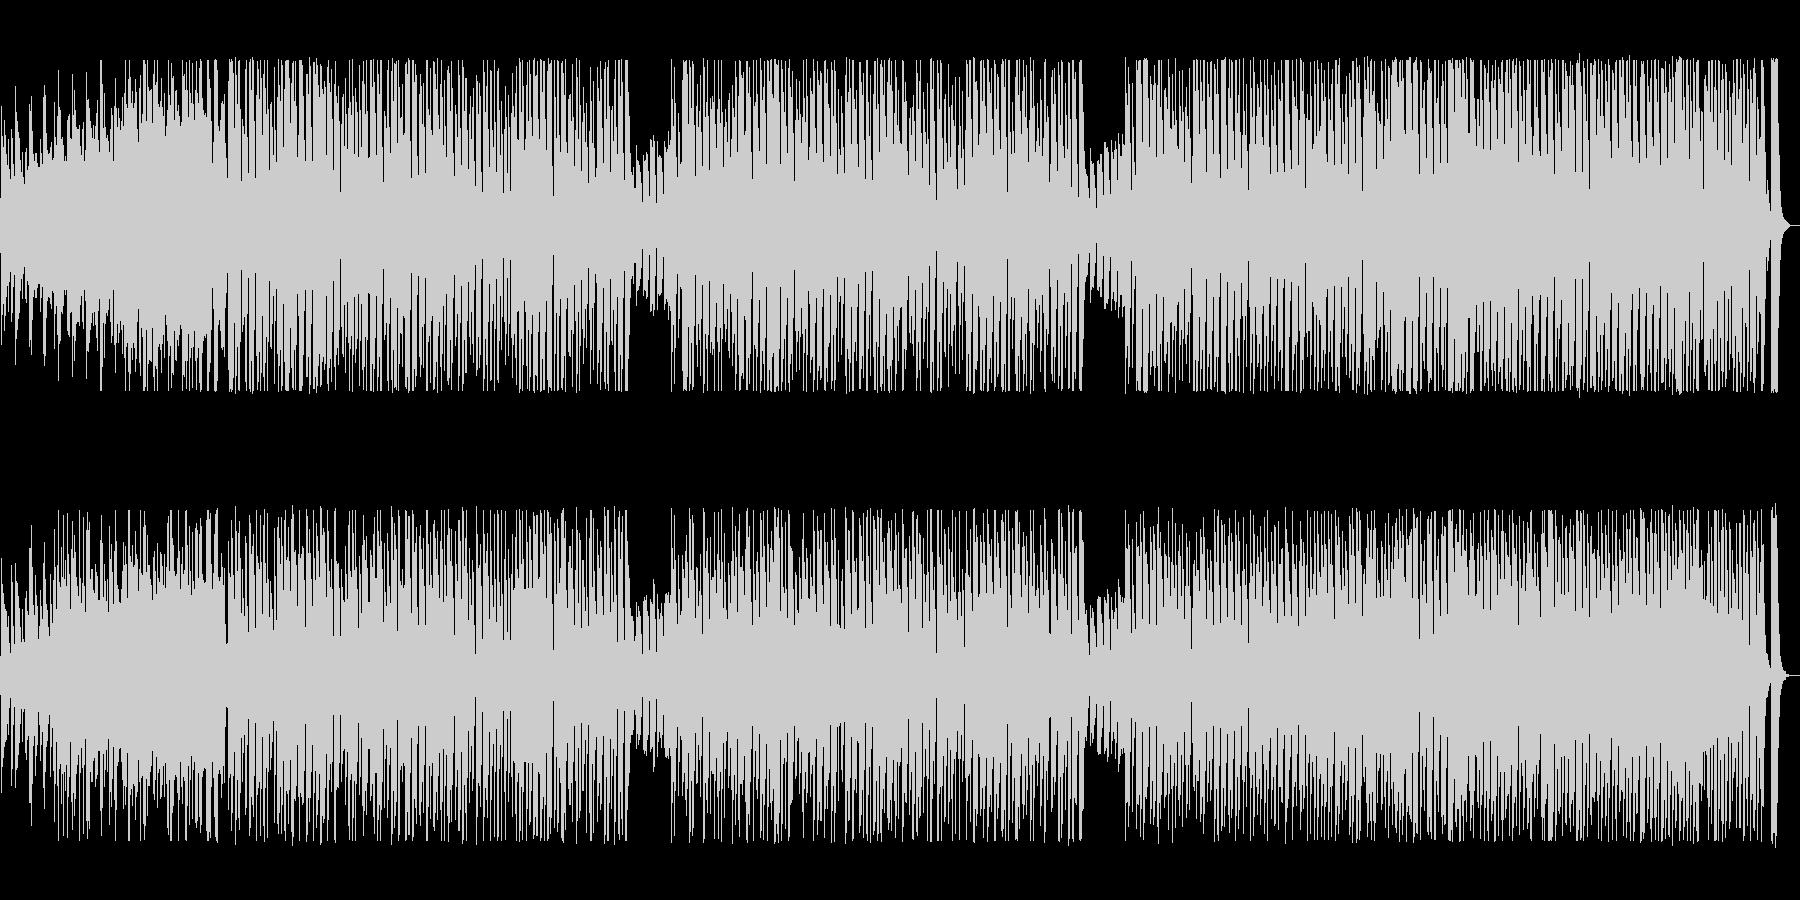 アコーディオンが軽快なポップ曲の未再生の波形